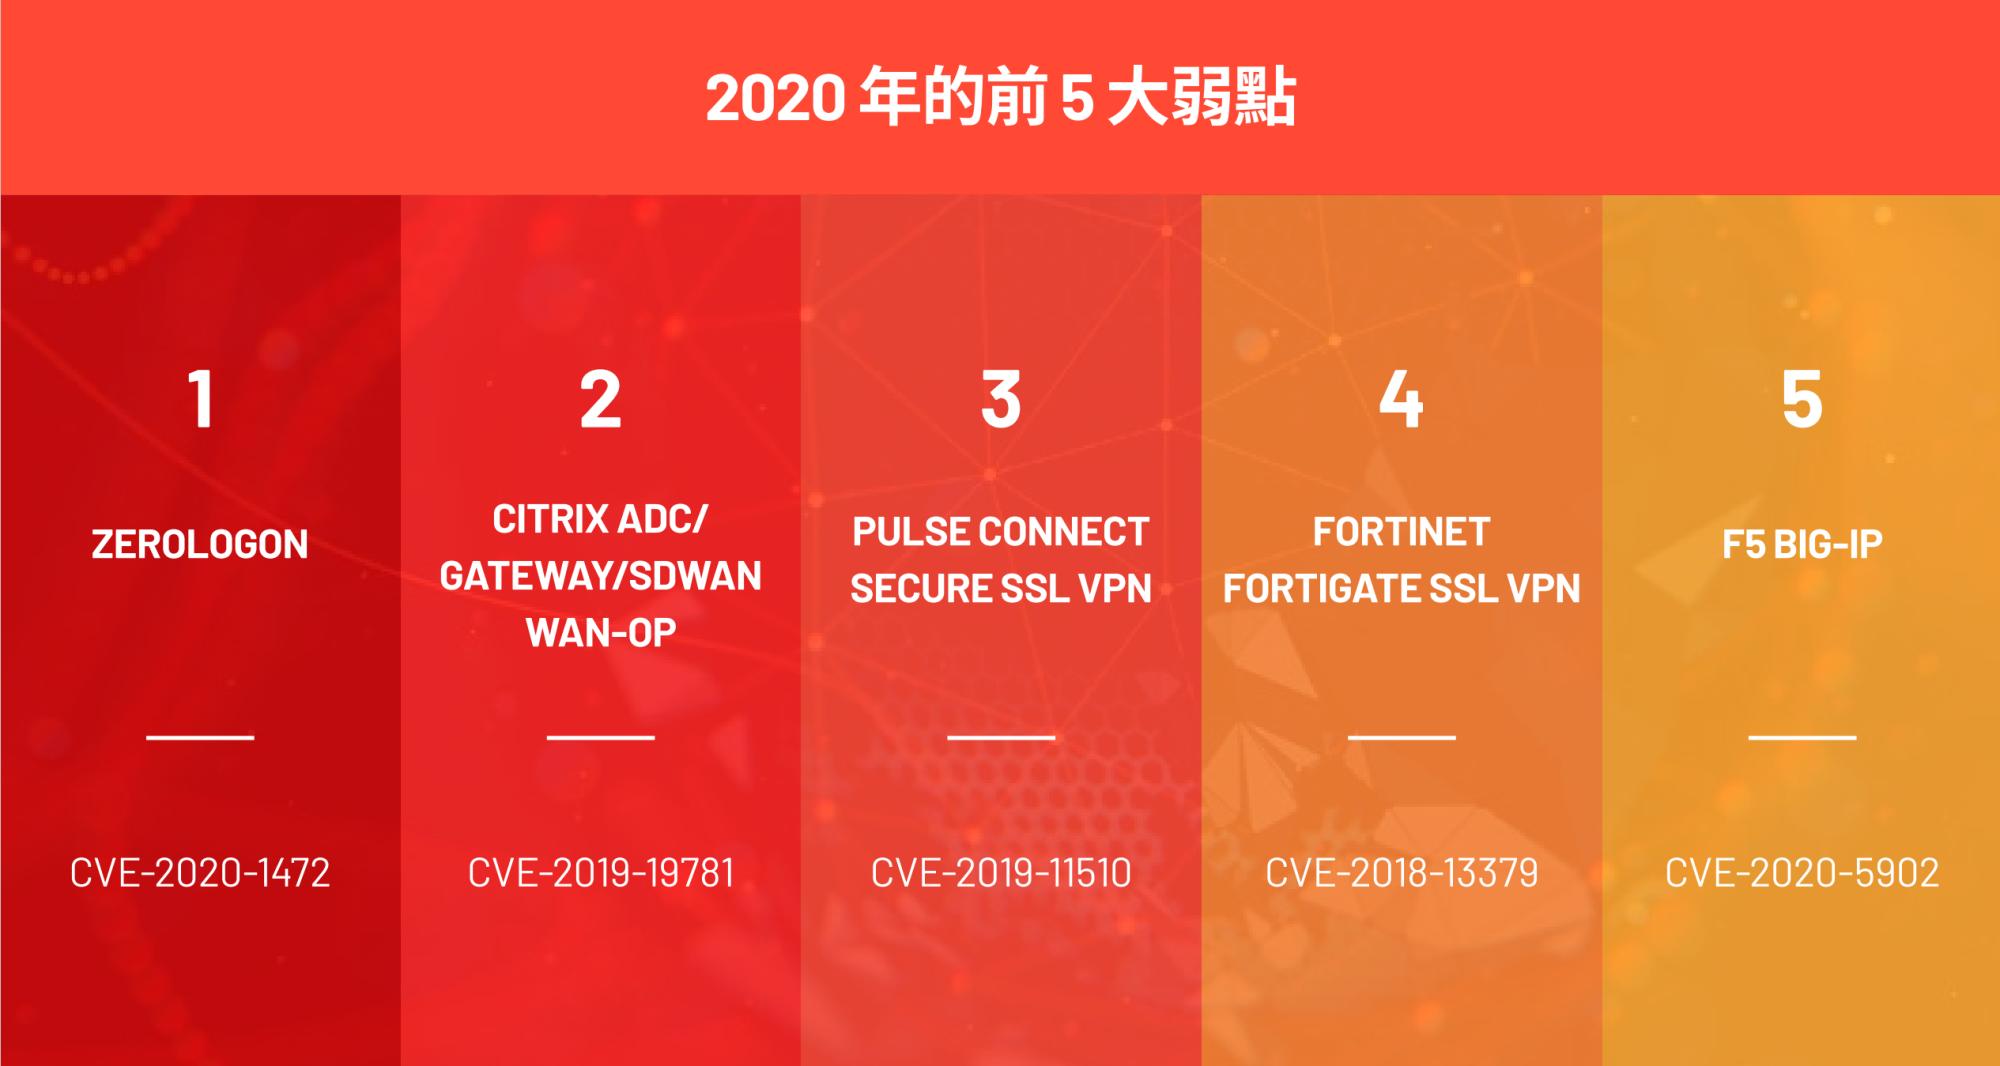 2020 年的前 5 大弱點